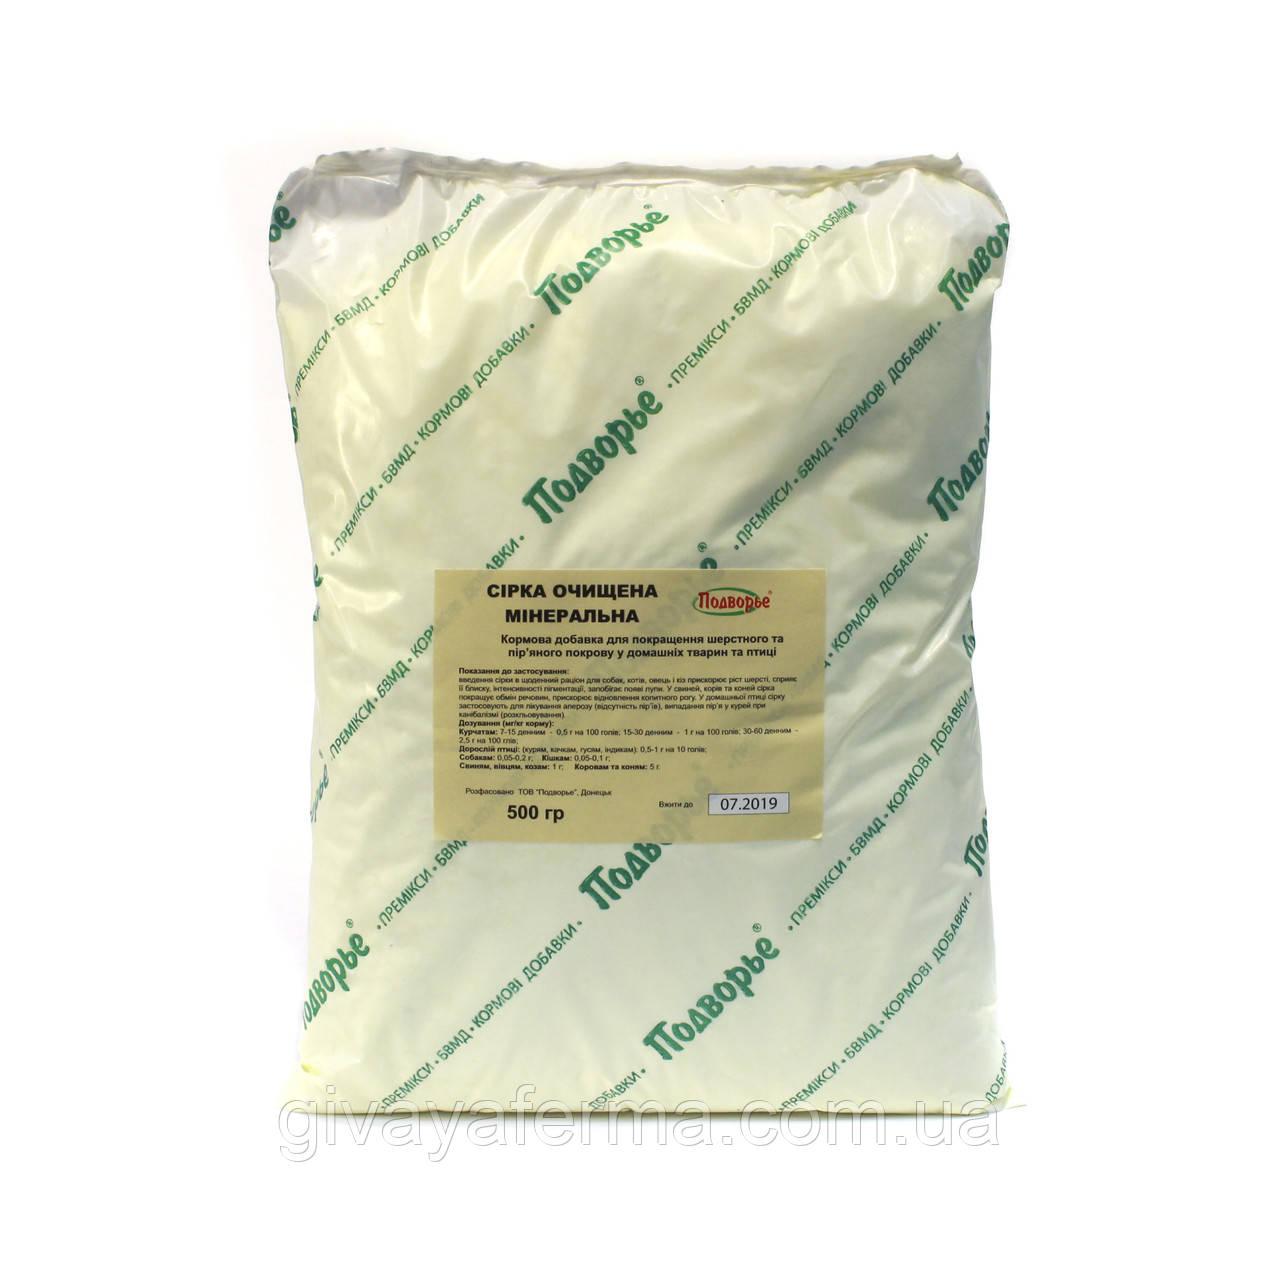 Сера кормовая очищенная 500 гр, молотая, улучшение состояния шерстного и перьевого покрова